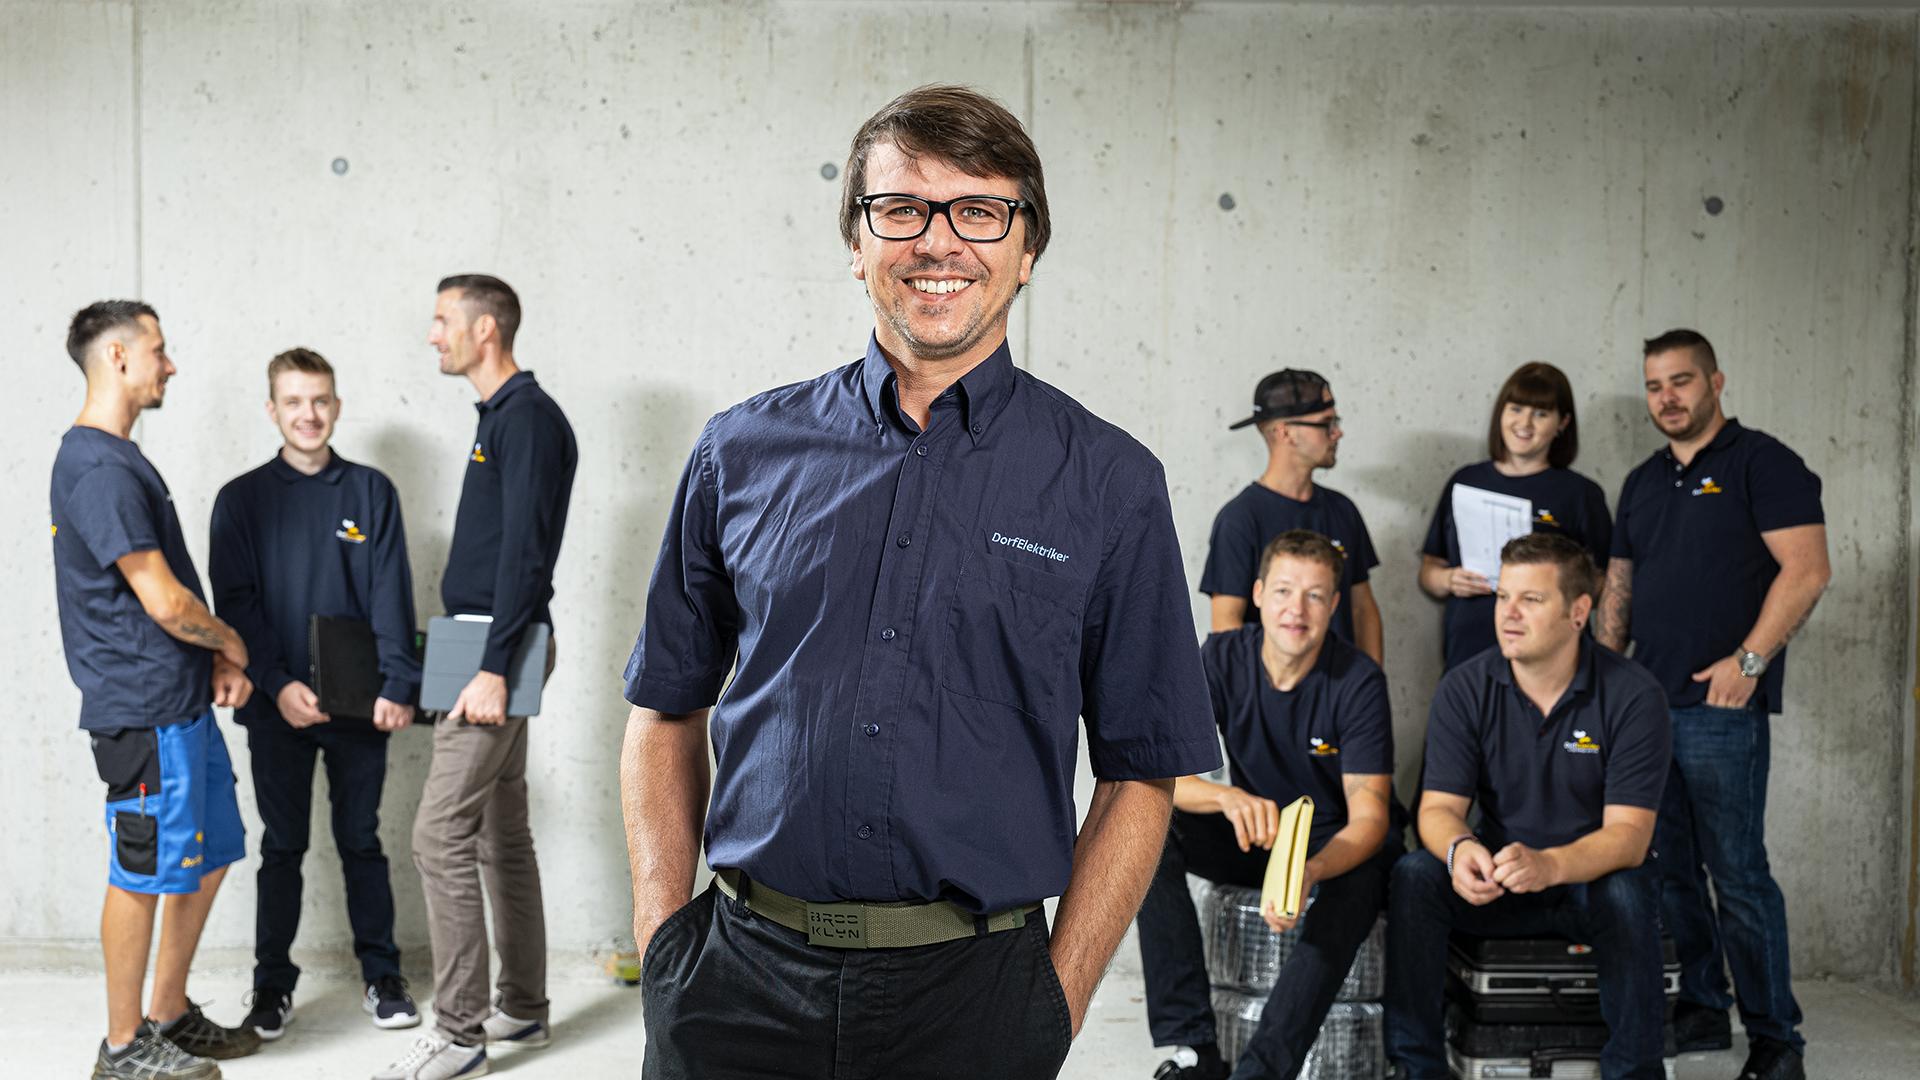 Teamleiter Wolfgang Hörtnag